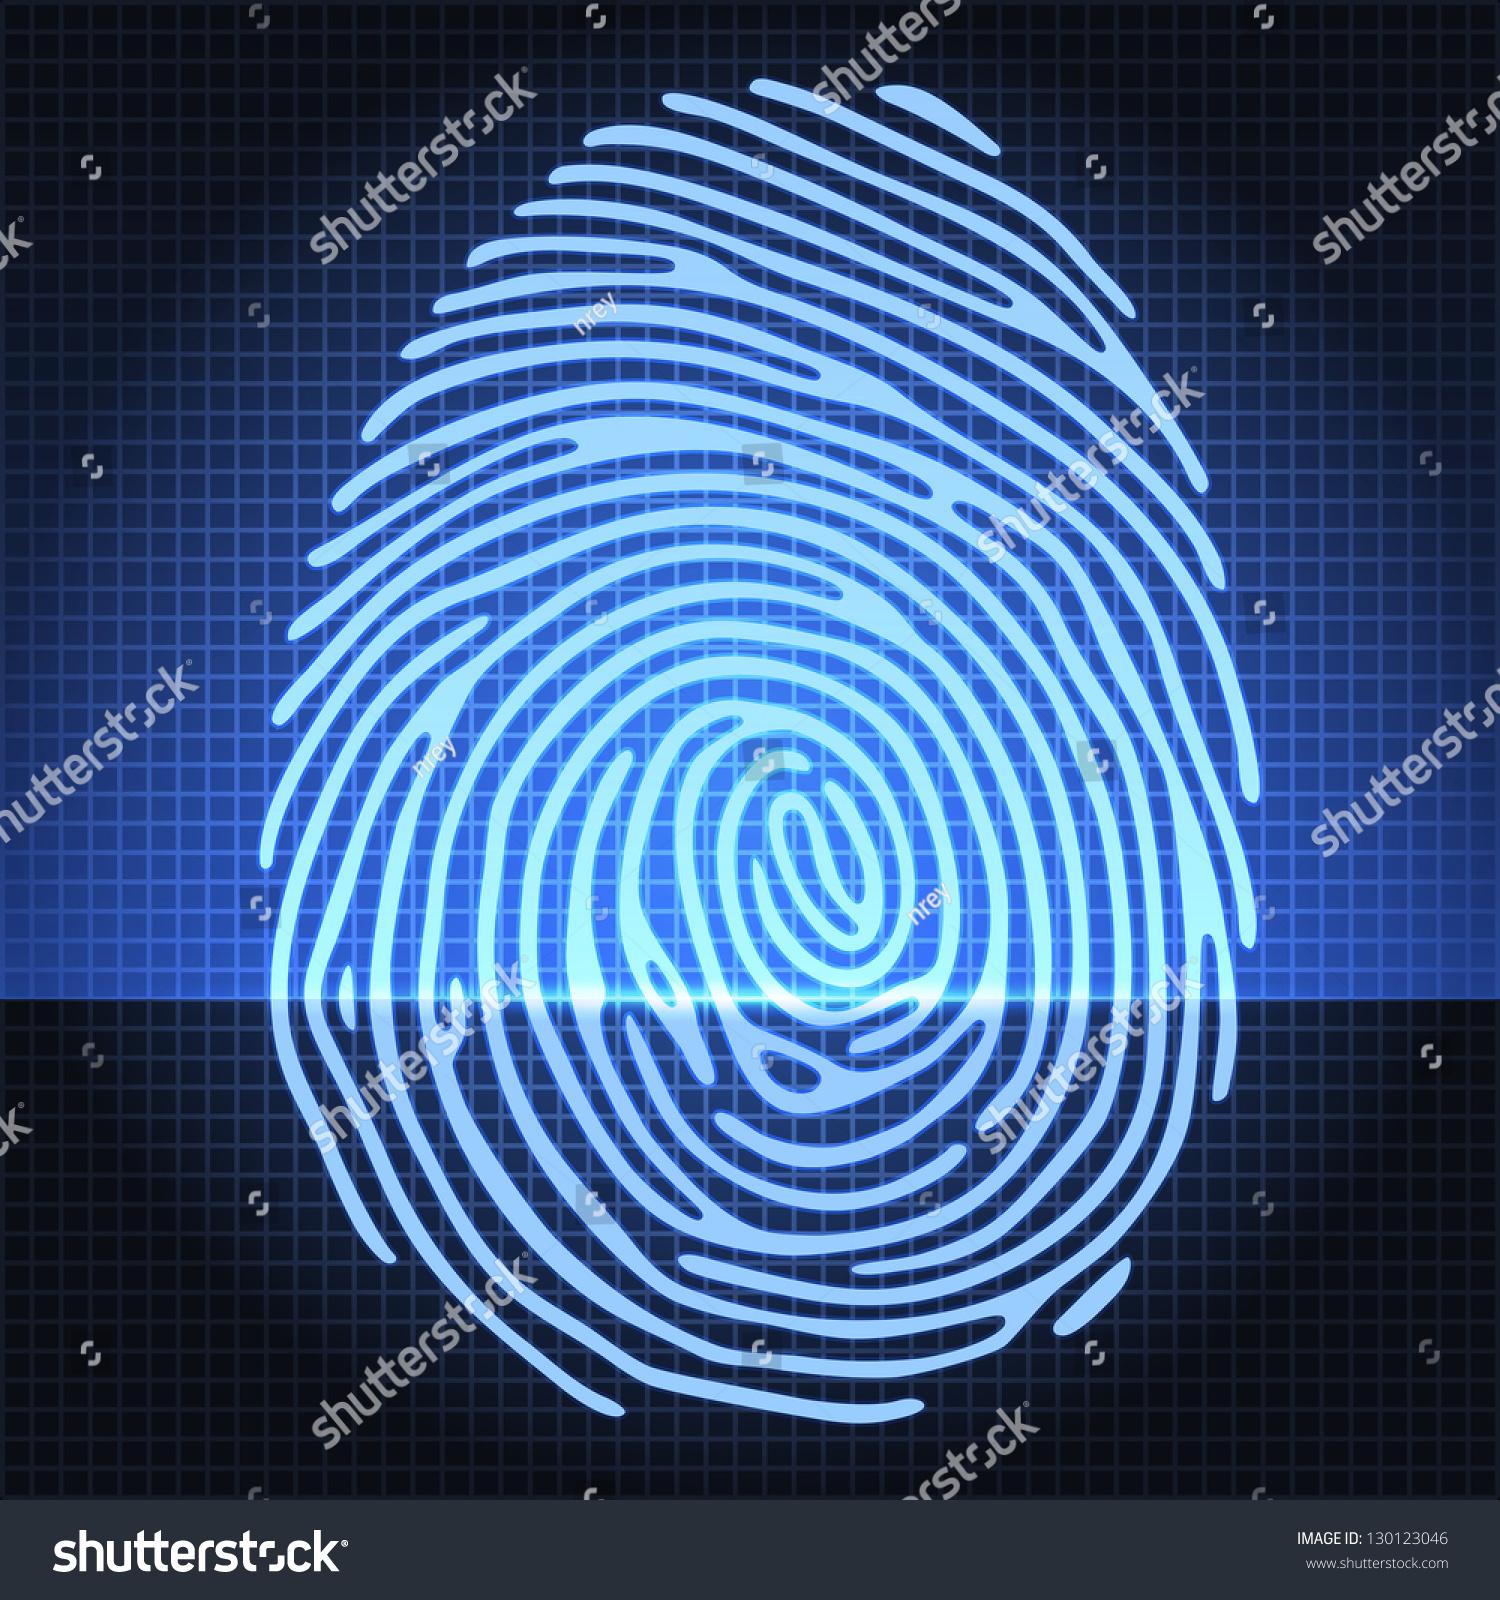 Fingerprint Identification Scanning System Finger Print Stock ...